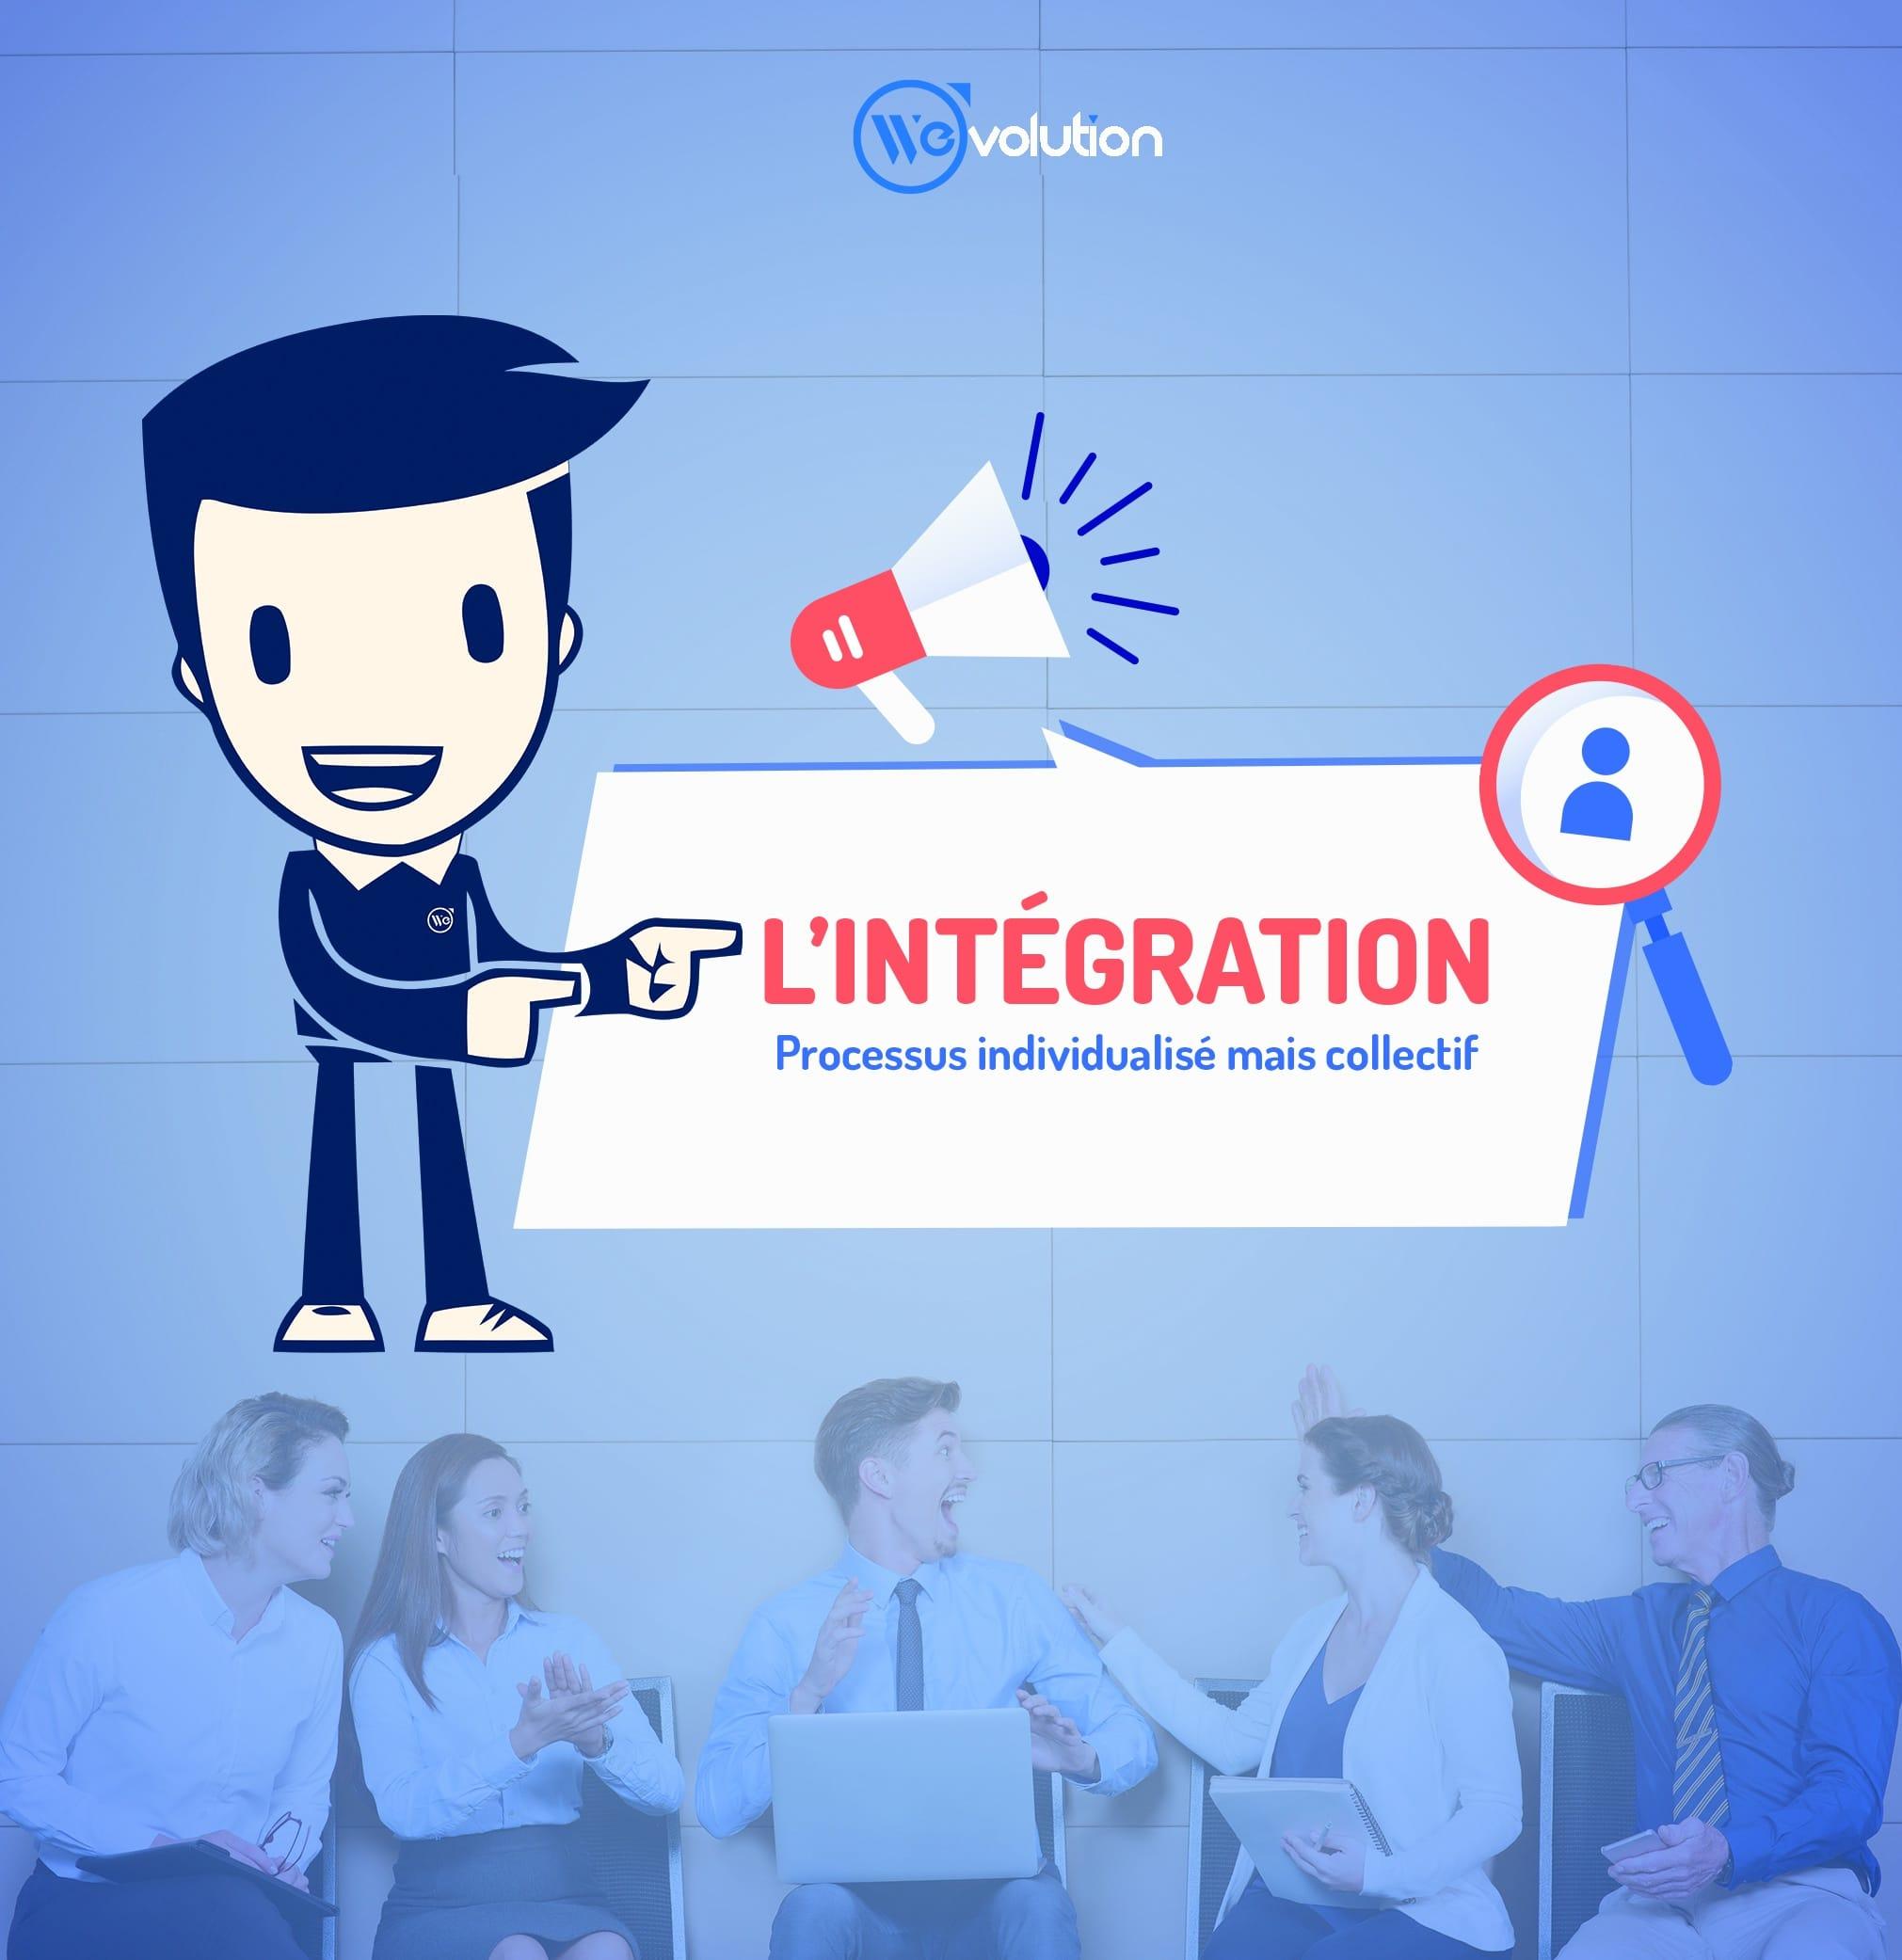 L'intégration : processus individualisé mais collectif